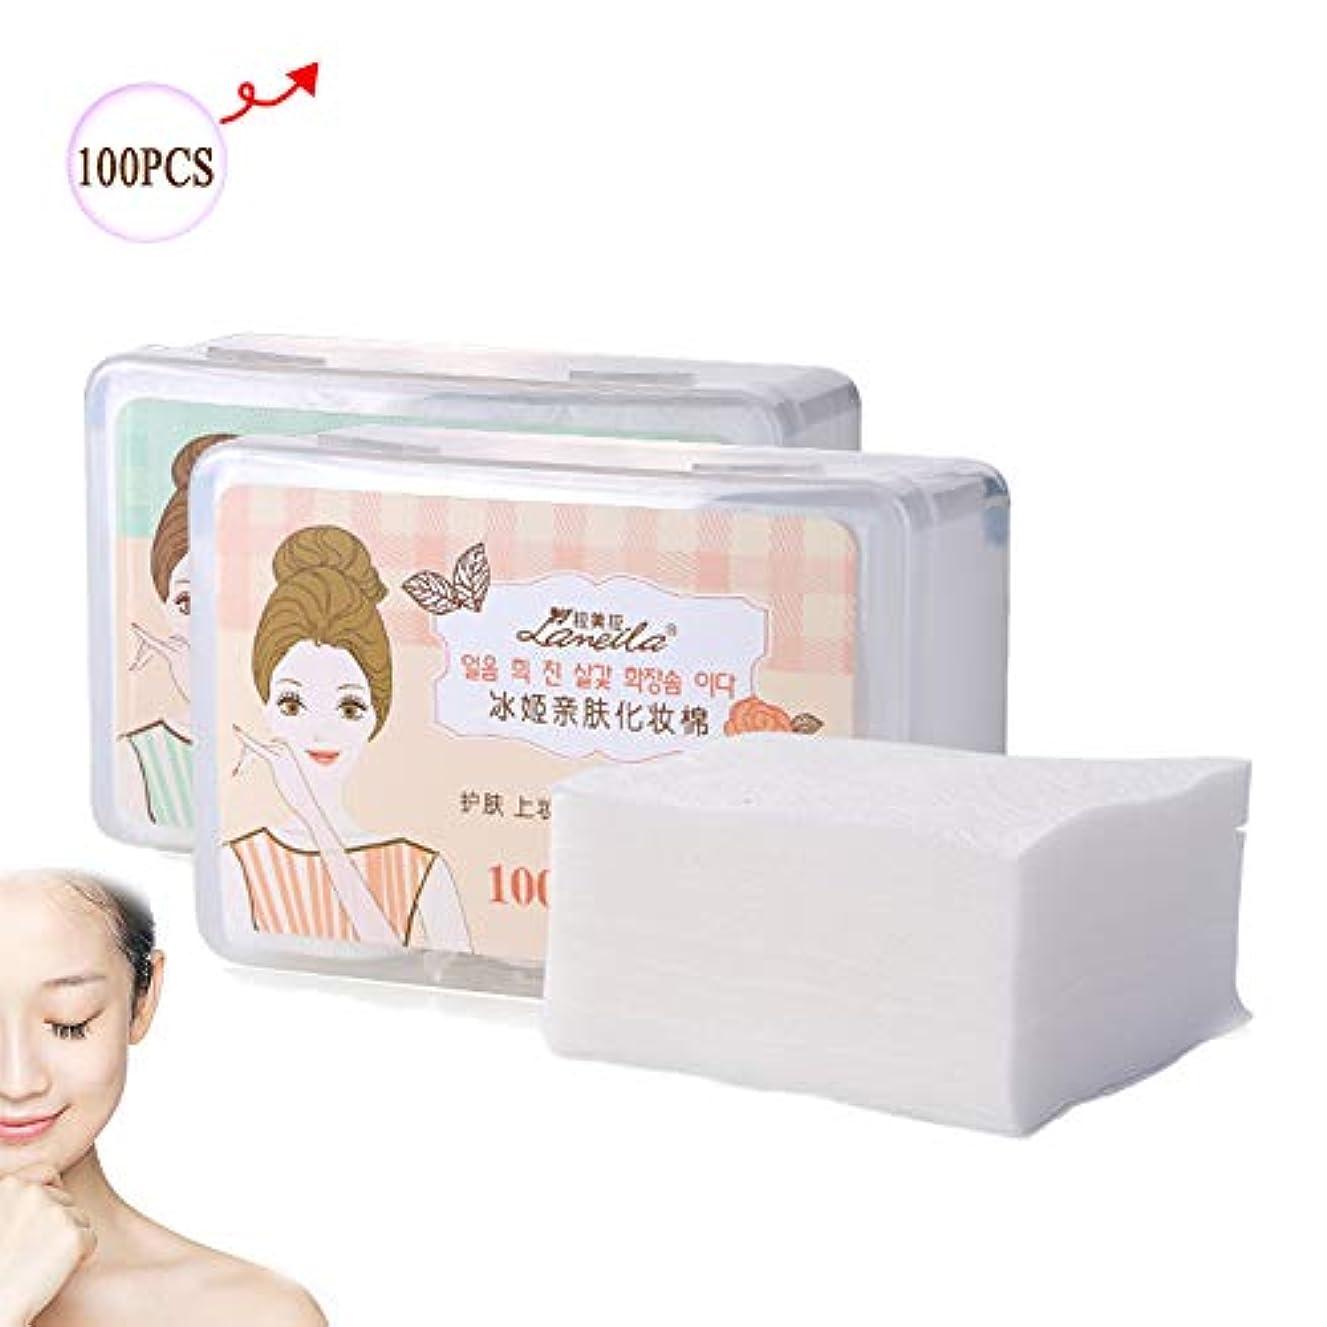 近代化するアベニュー広くメイク落としパッド、顔用洗顔料コットンパッド洗顔用女性と男性